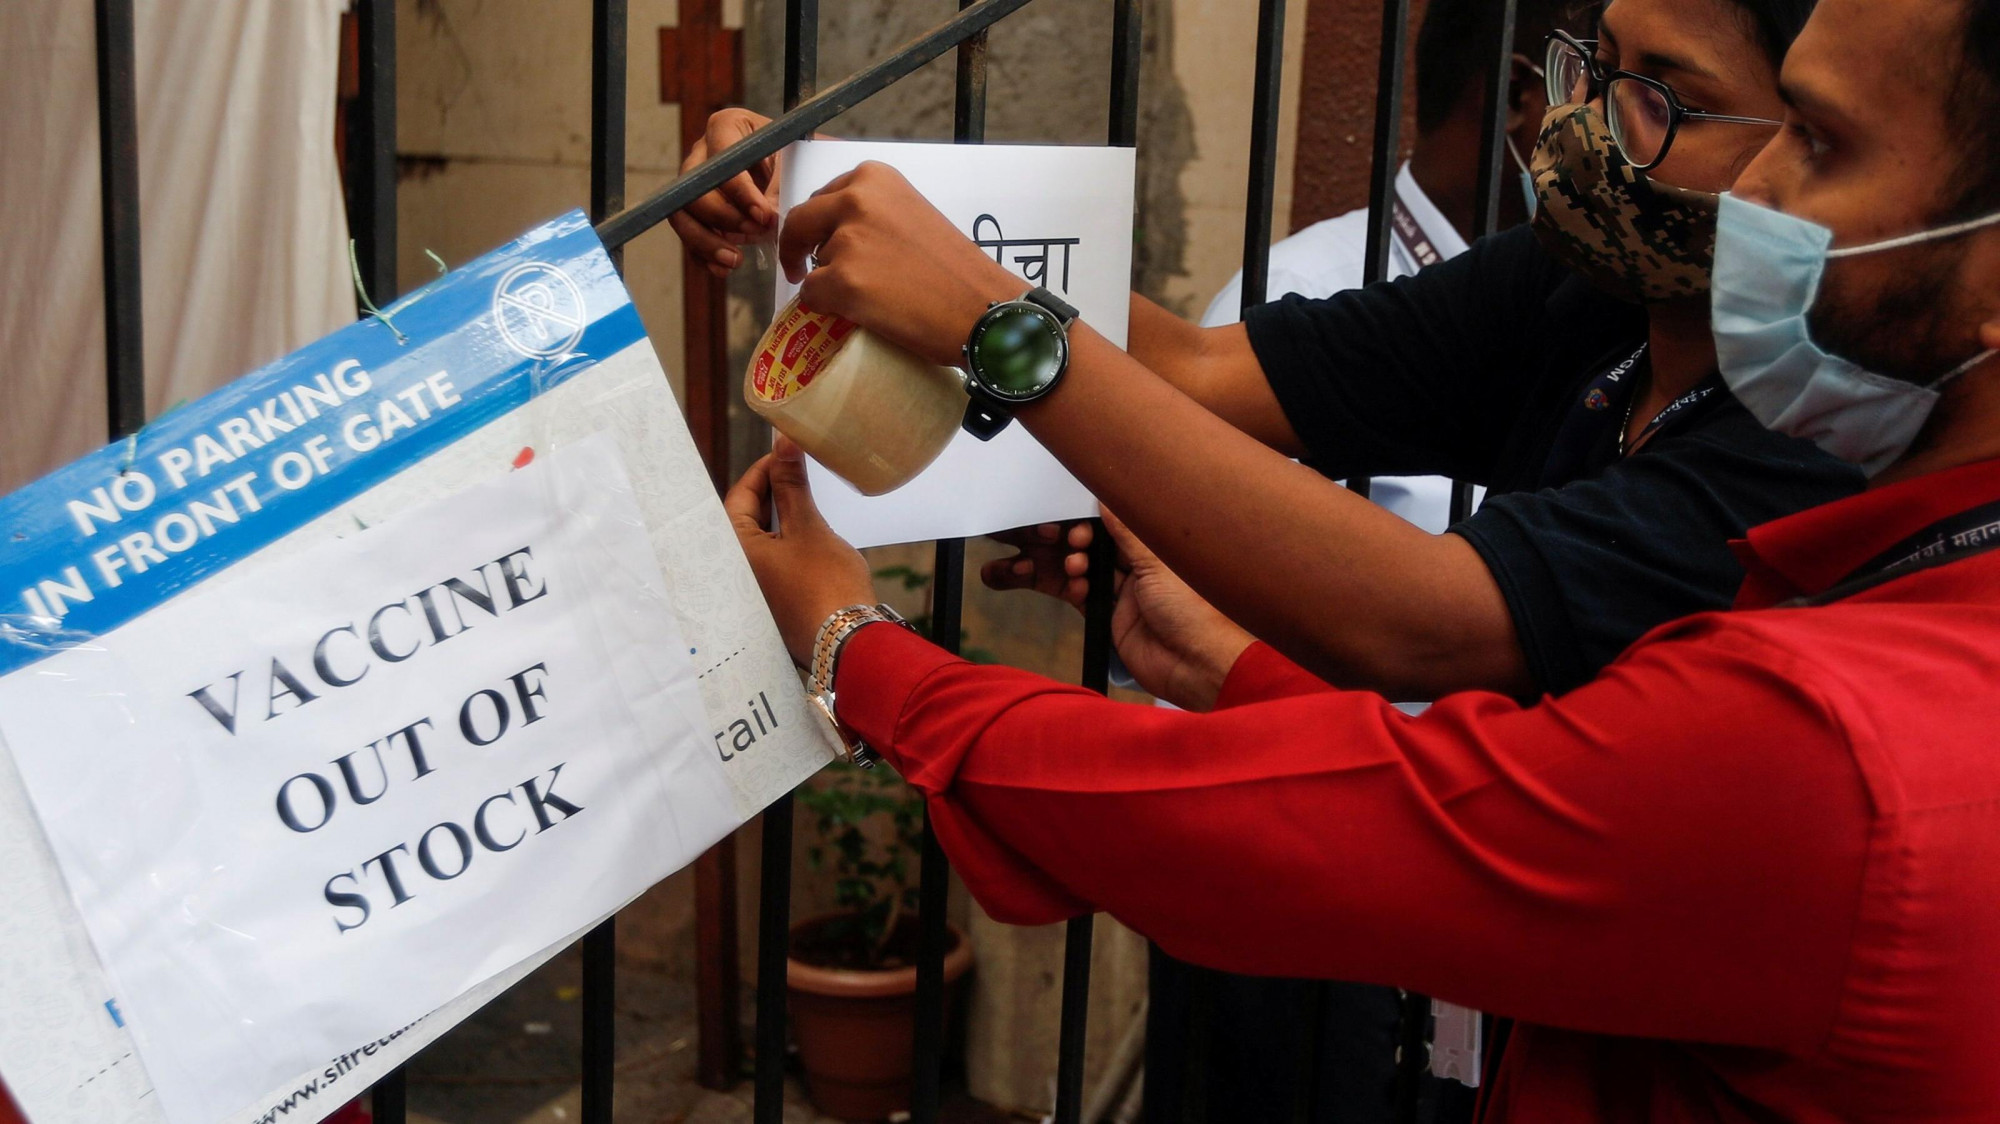 Khủng hoảng COVID-19 ở Ấn Độ cũng đã góp phần vào việc sụt giảm nguồn cung vắc-xin cho sáng kiến COVAX - Ảnh: QZ